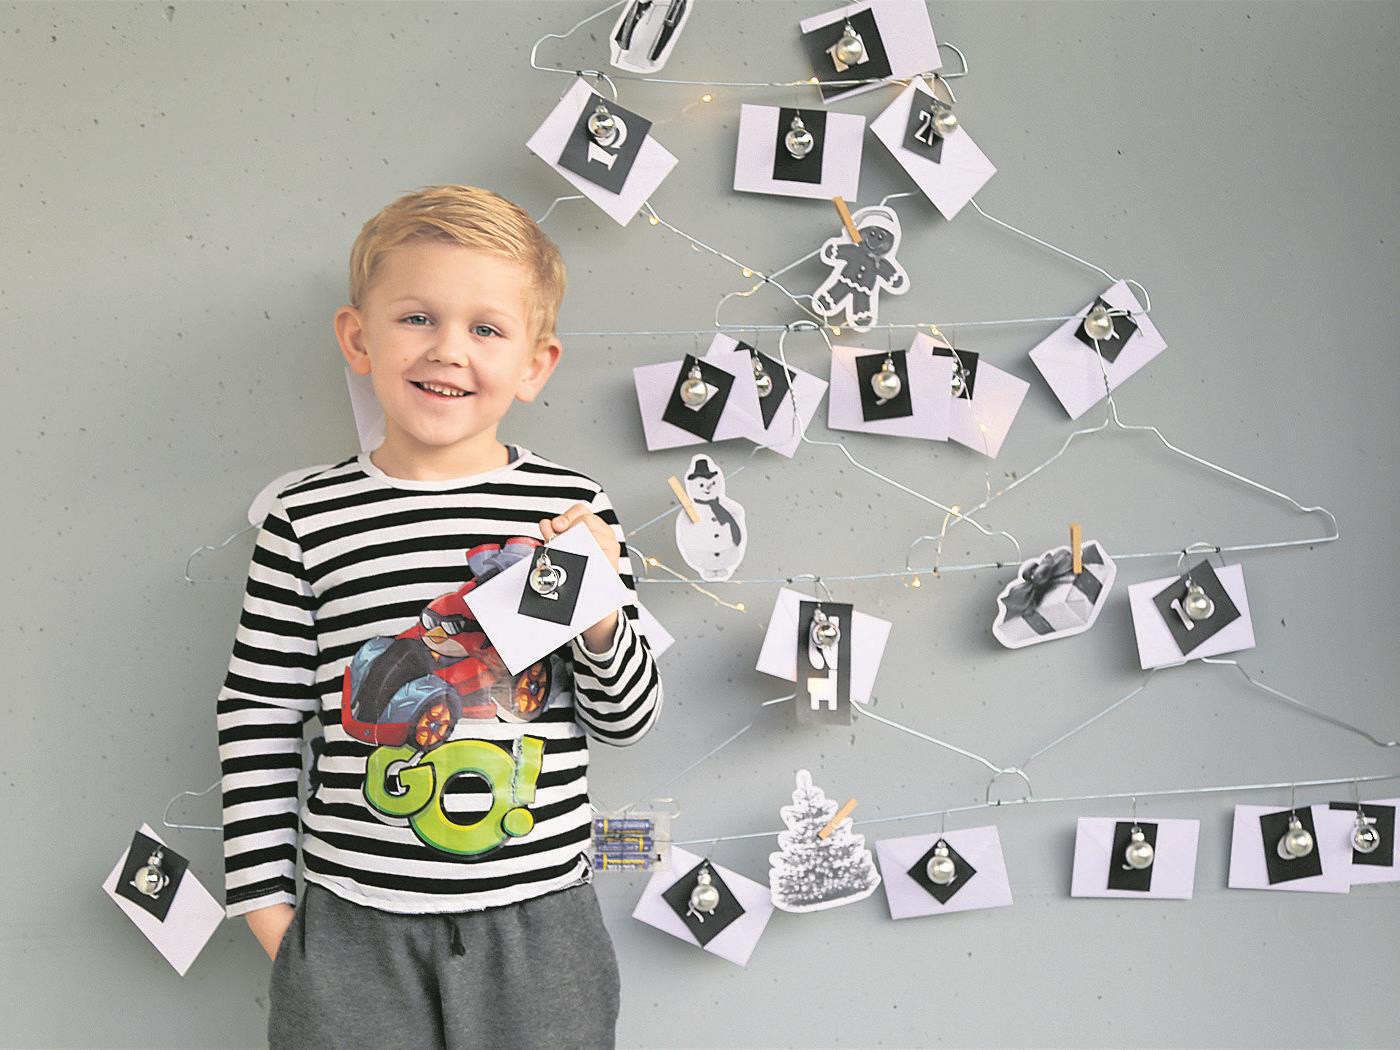 Jason Durell zeigt stolz seinen selbst gebastelten Adventkalender.